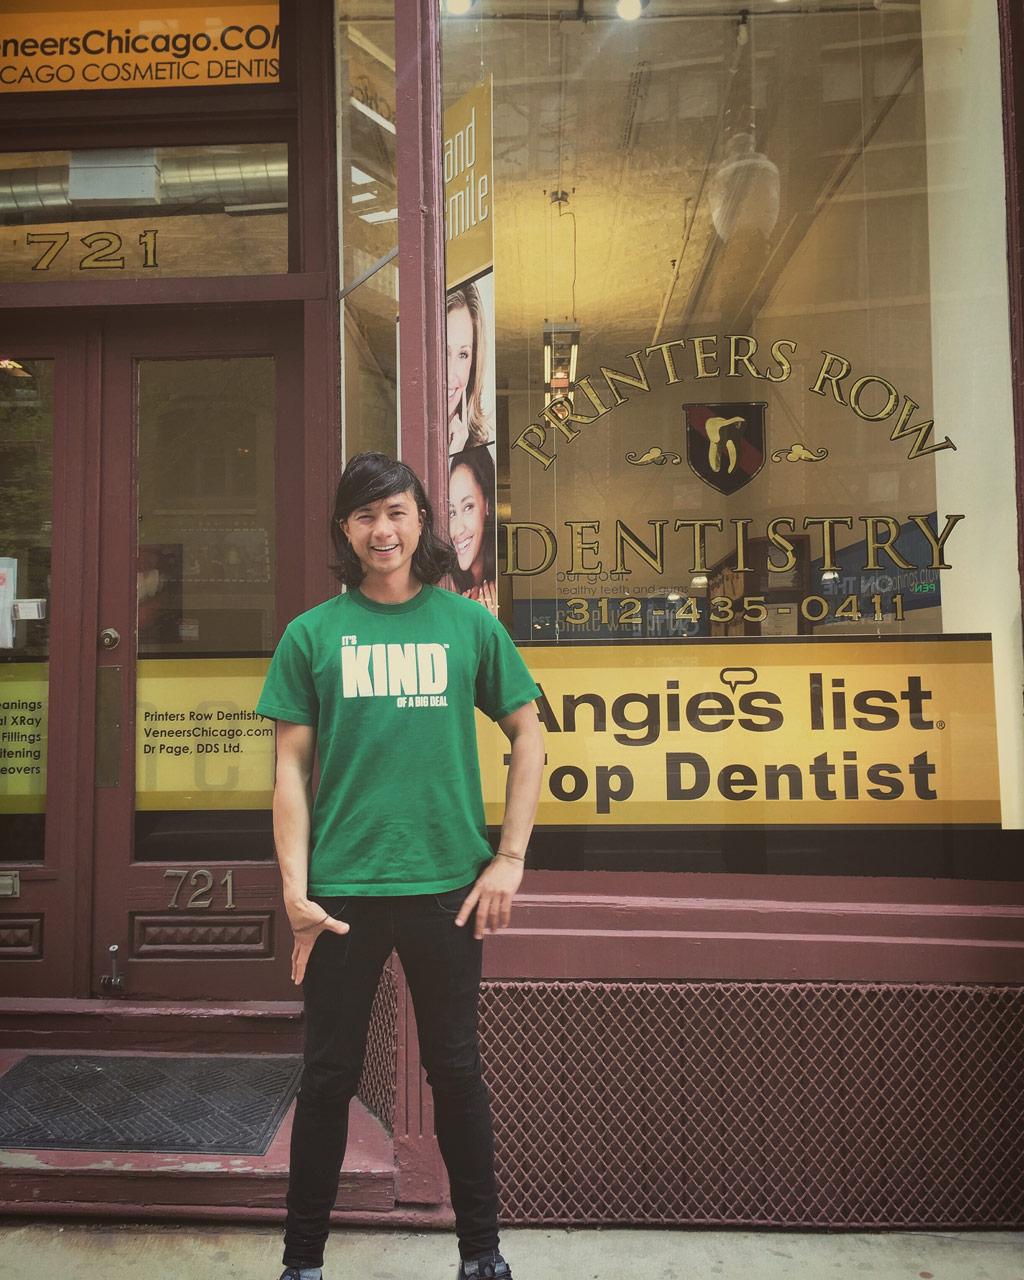 Printers Row Dentistry